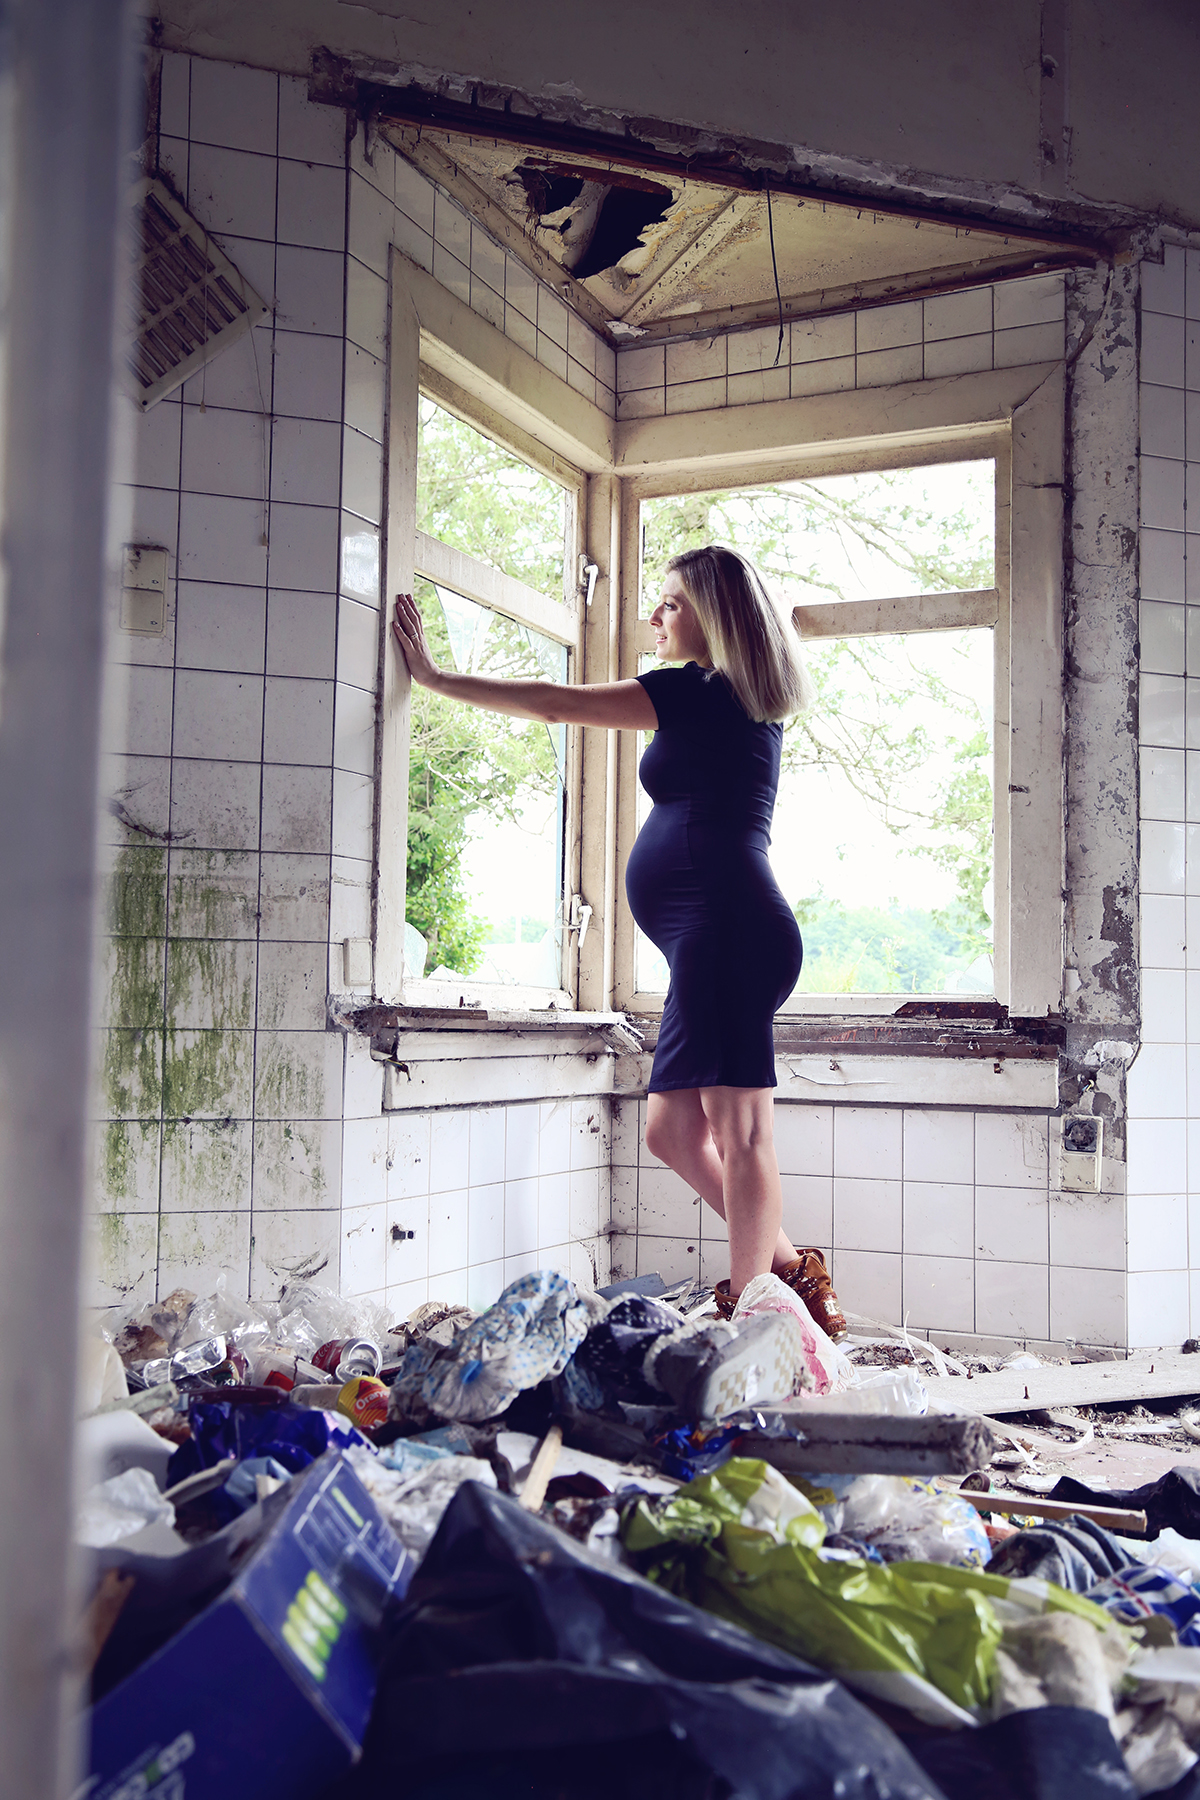 Zwanger - Zwangerschapsfotografie - Fotos - Foto - Suus FotoSjop - Oldenzaal - Kindje - Gezin - Hengelo - Enschede - Haaksbergen - De Lutte - Denekamp